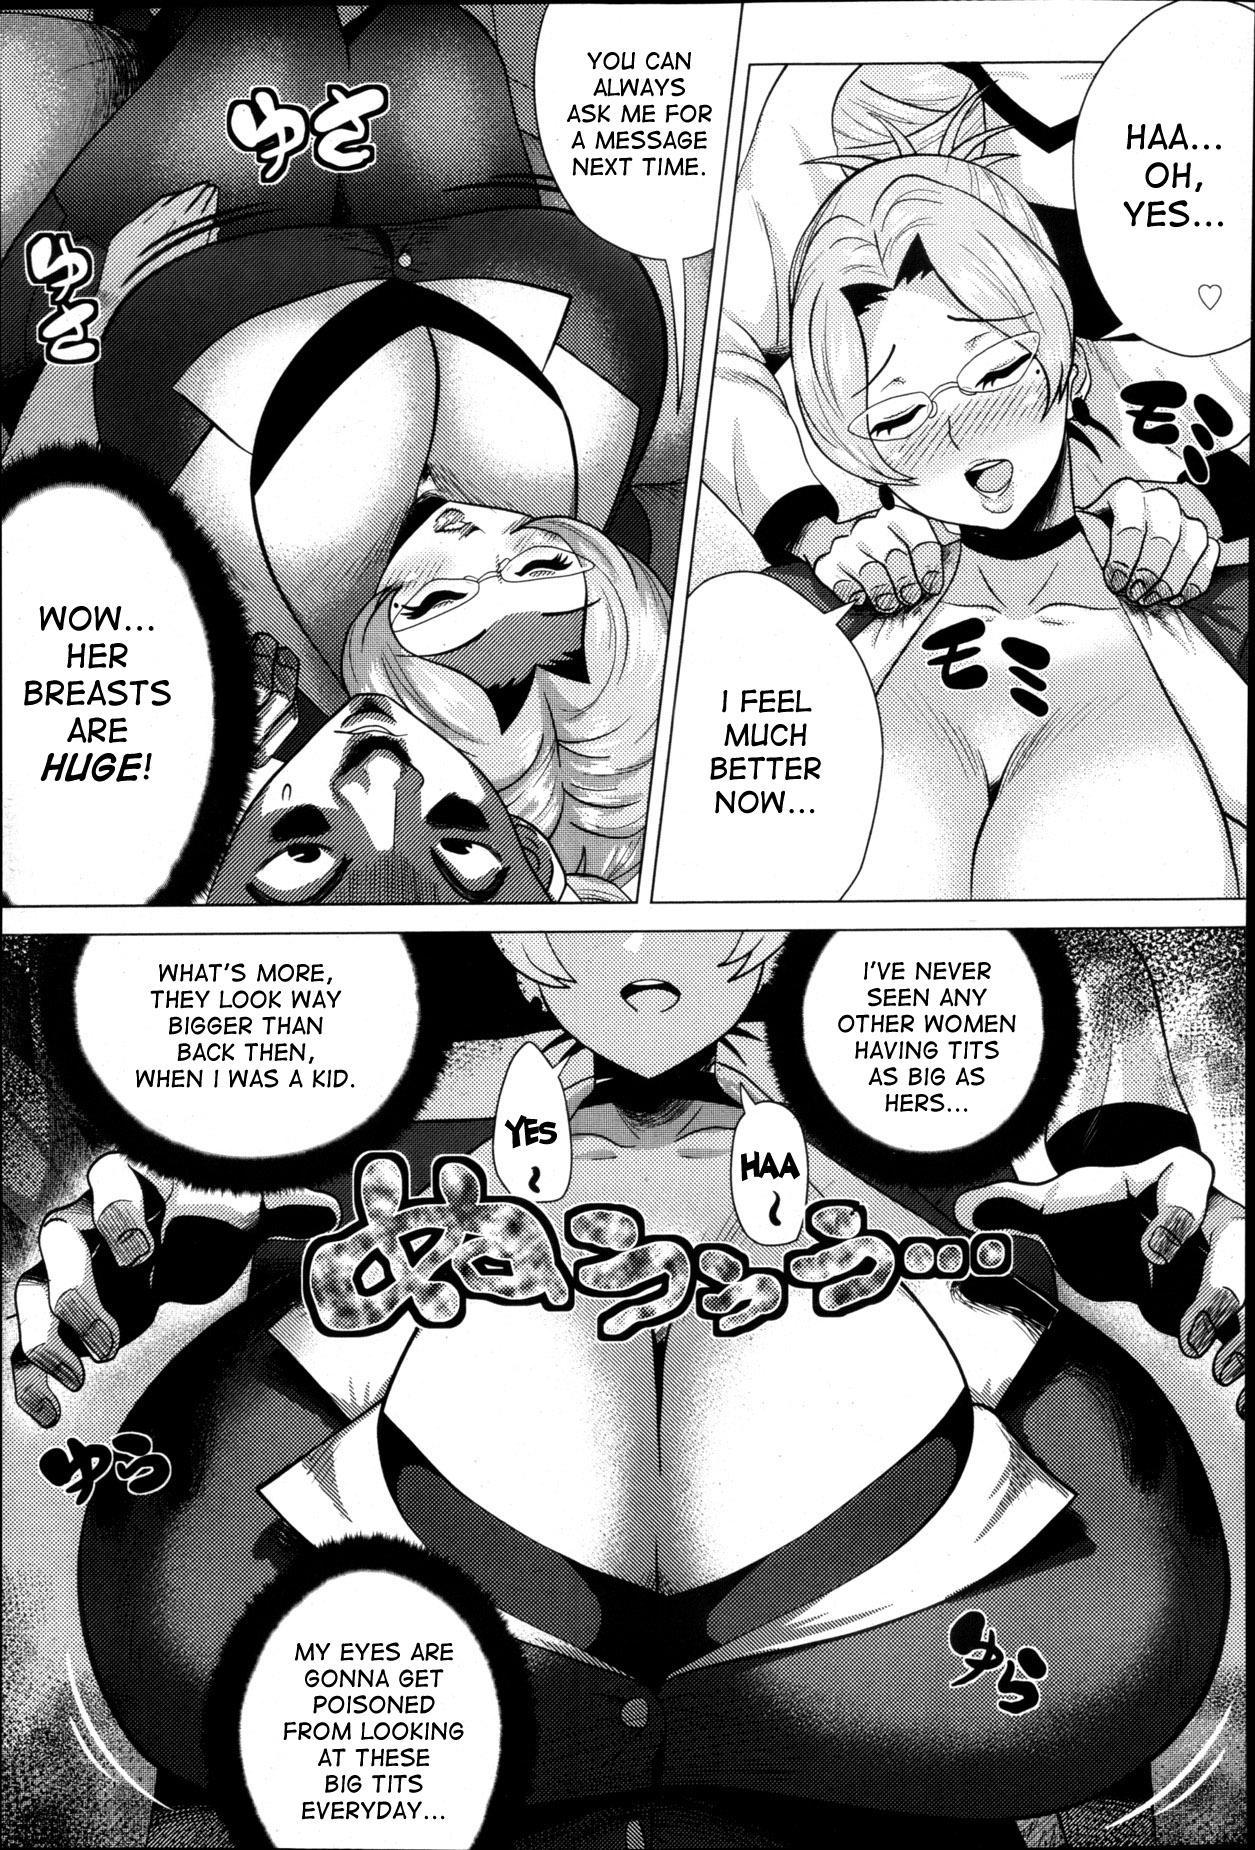 [Yokkora] Megabody Night ~Watashi no Oniku wo Meshiagare~ | Megabody Night ~My voluptuous body & mom love~ [English] {Laruffi + desudesu + EHCOVE} 93